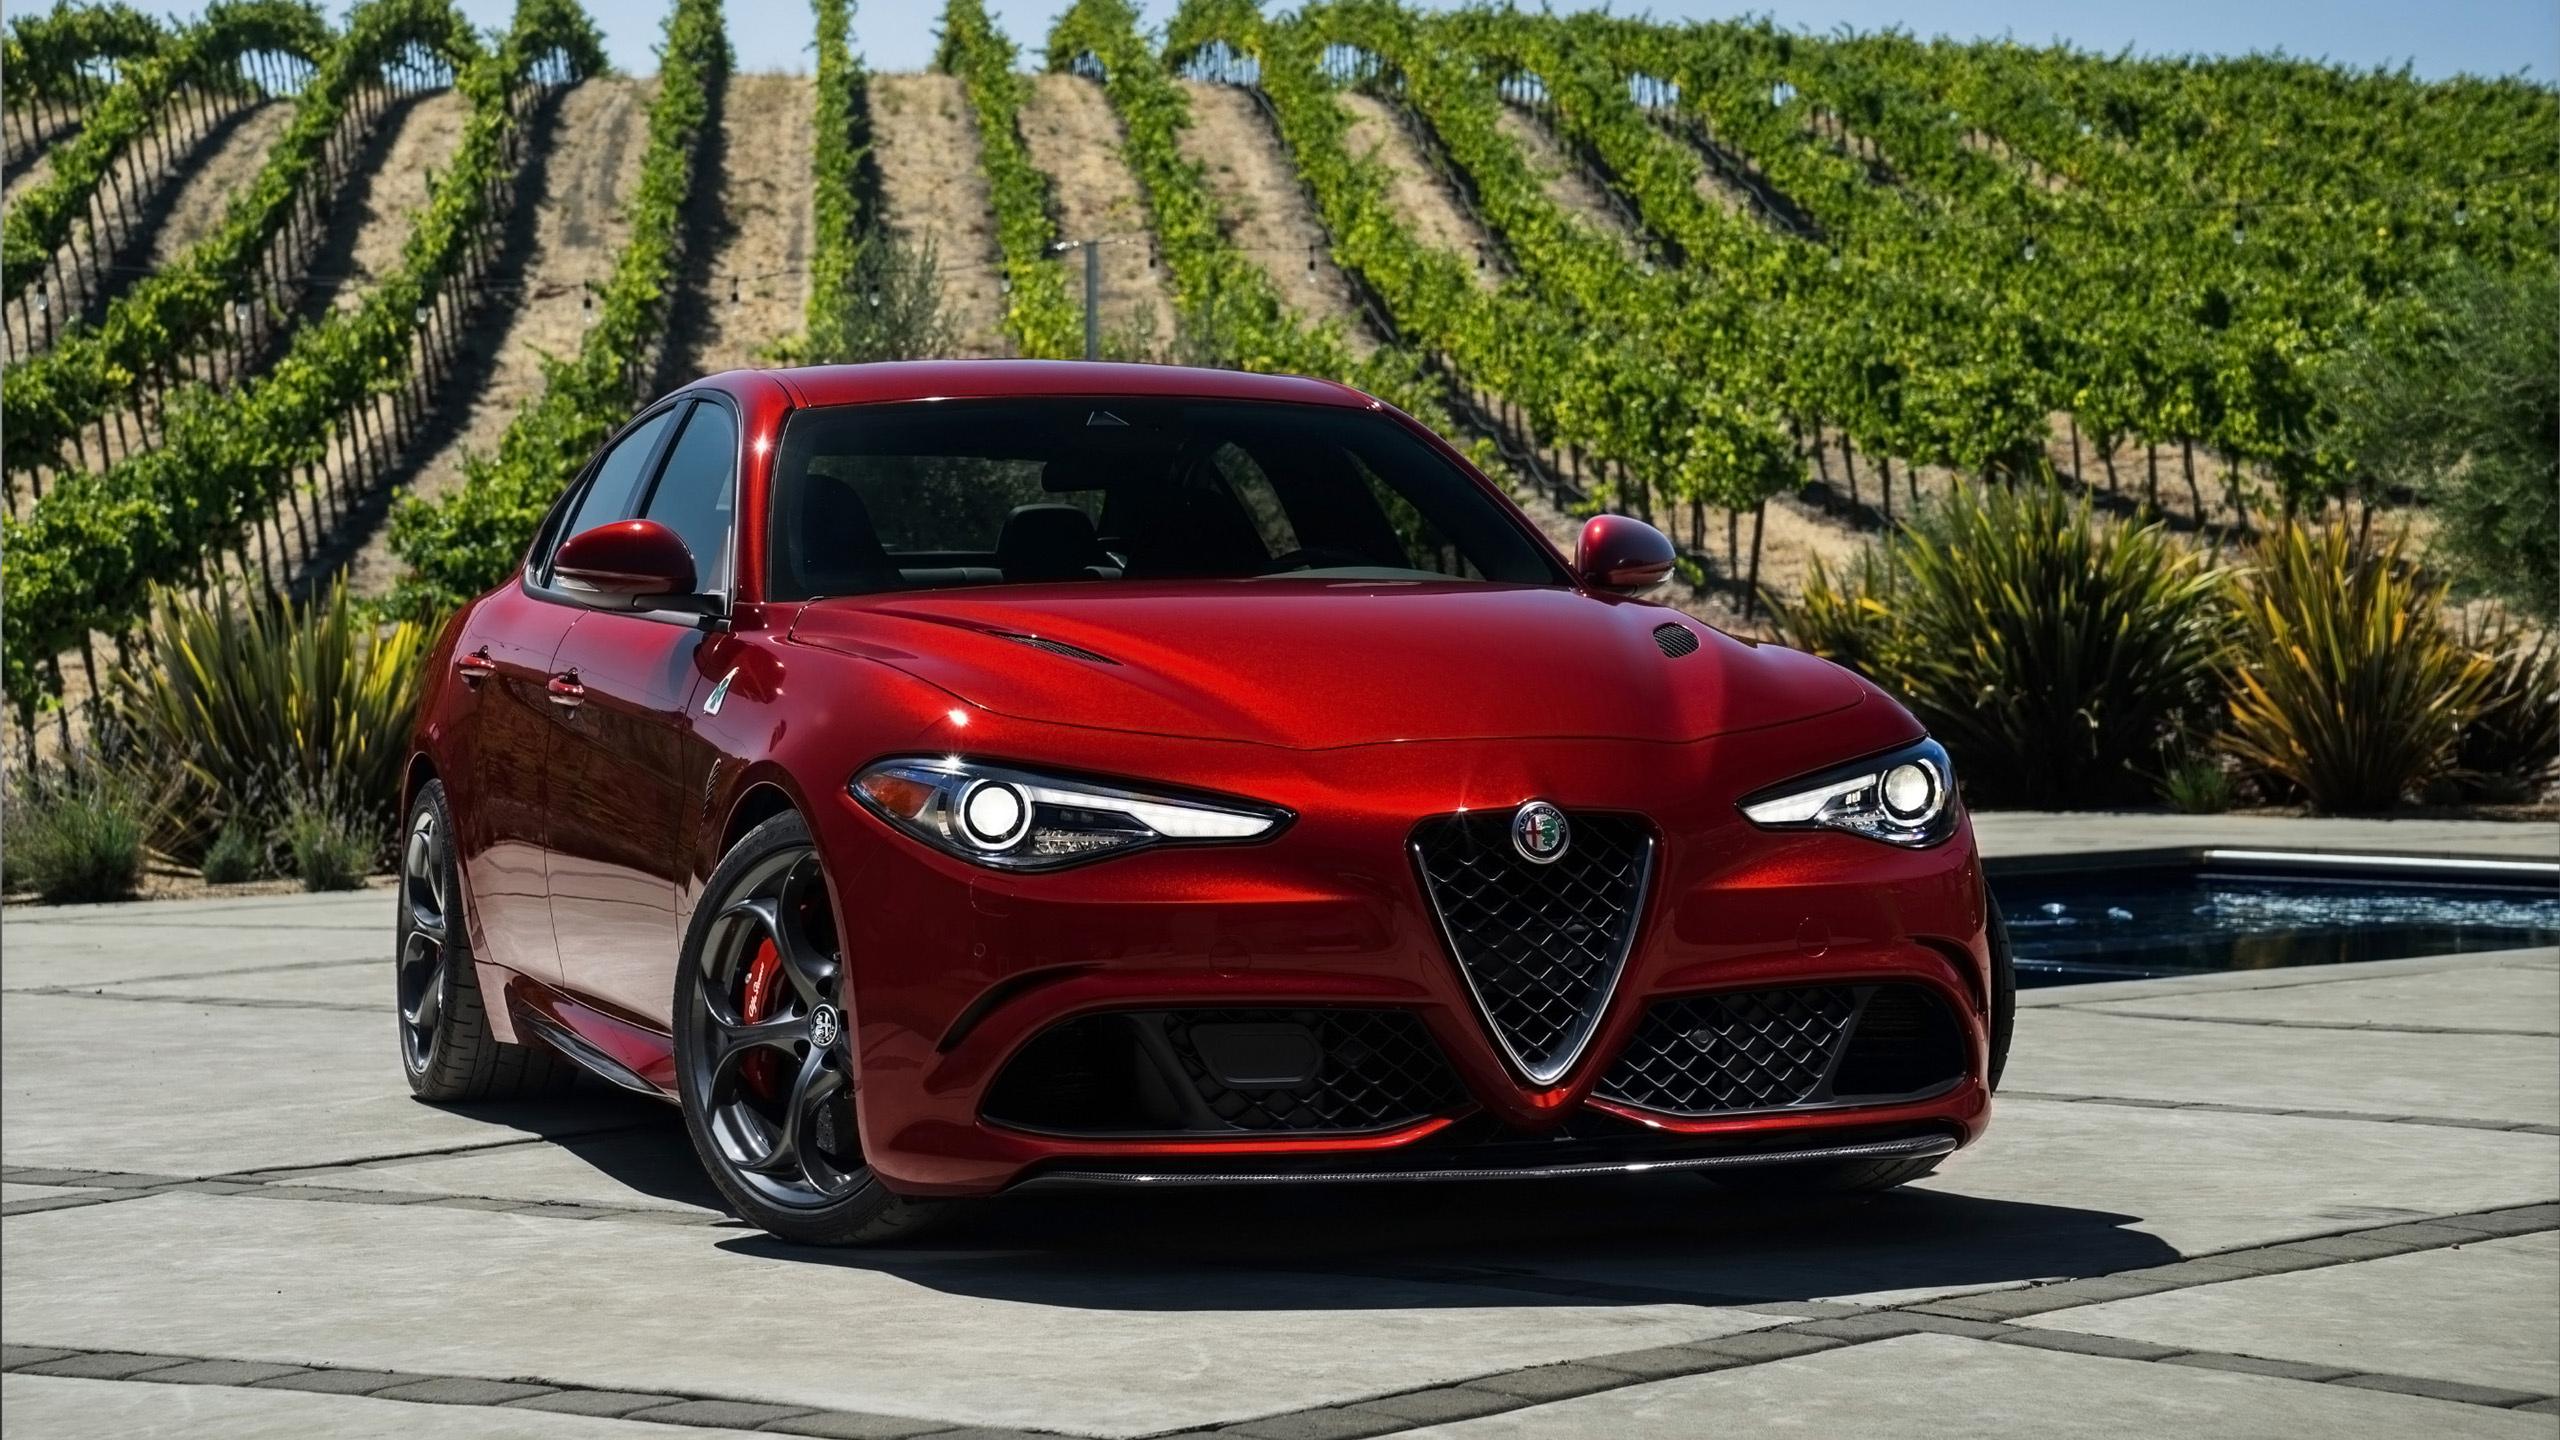 2017 Alfa Romeo Giulia Quadrifoglio 5 Wallpaper Hd Car Wallpapers Id 7293